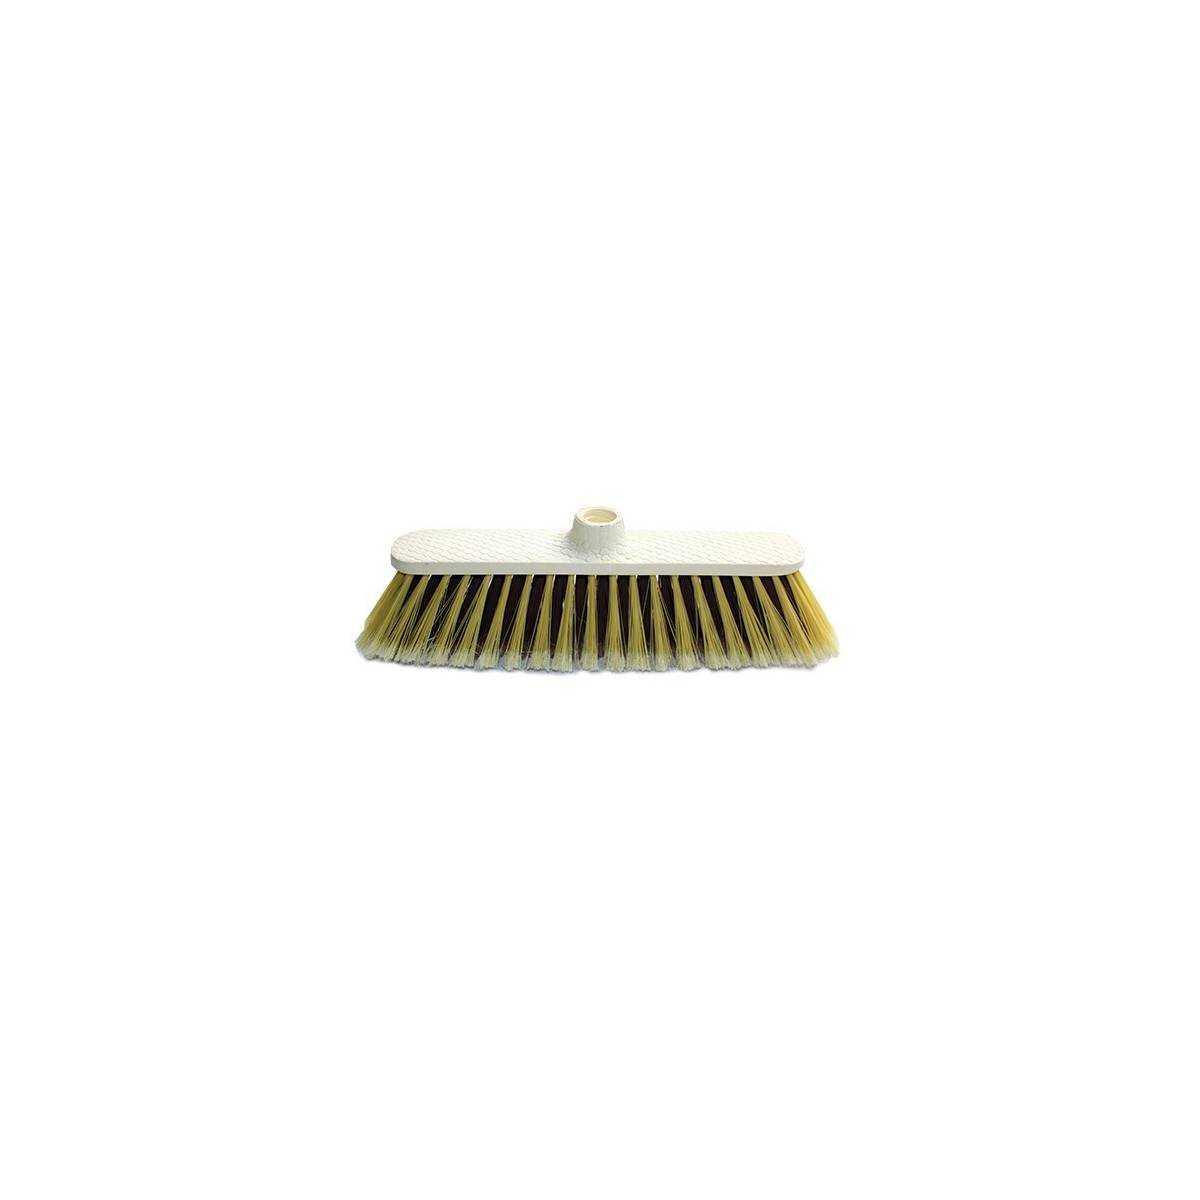 Щетка для пола поливинилхлорид 30см FRANCESINA (Коричнево-желтого цвета) 03.00280.0012 Brown TTS